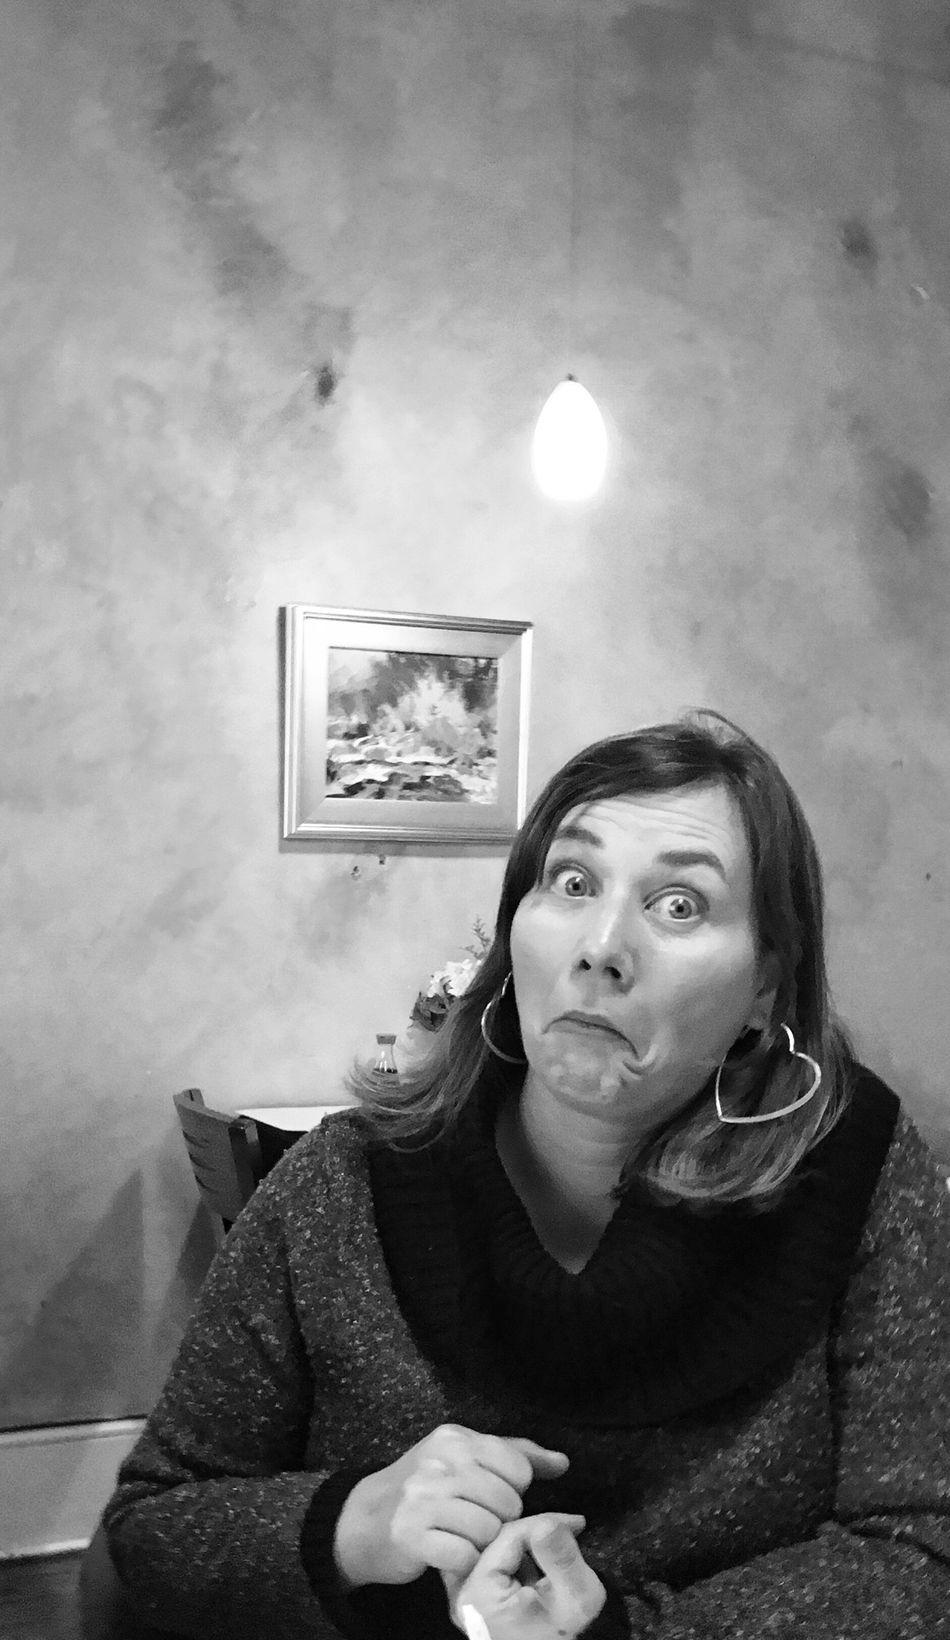 Blackandwhite Portrait Blacknwhite Blackwhite Blac&white  Black And White Portrait Black And White Collection  Blackandwhitephotography Black And White Photography Black&white Blackandwhite Photography Black & White Black And White Blackandwhite